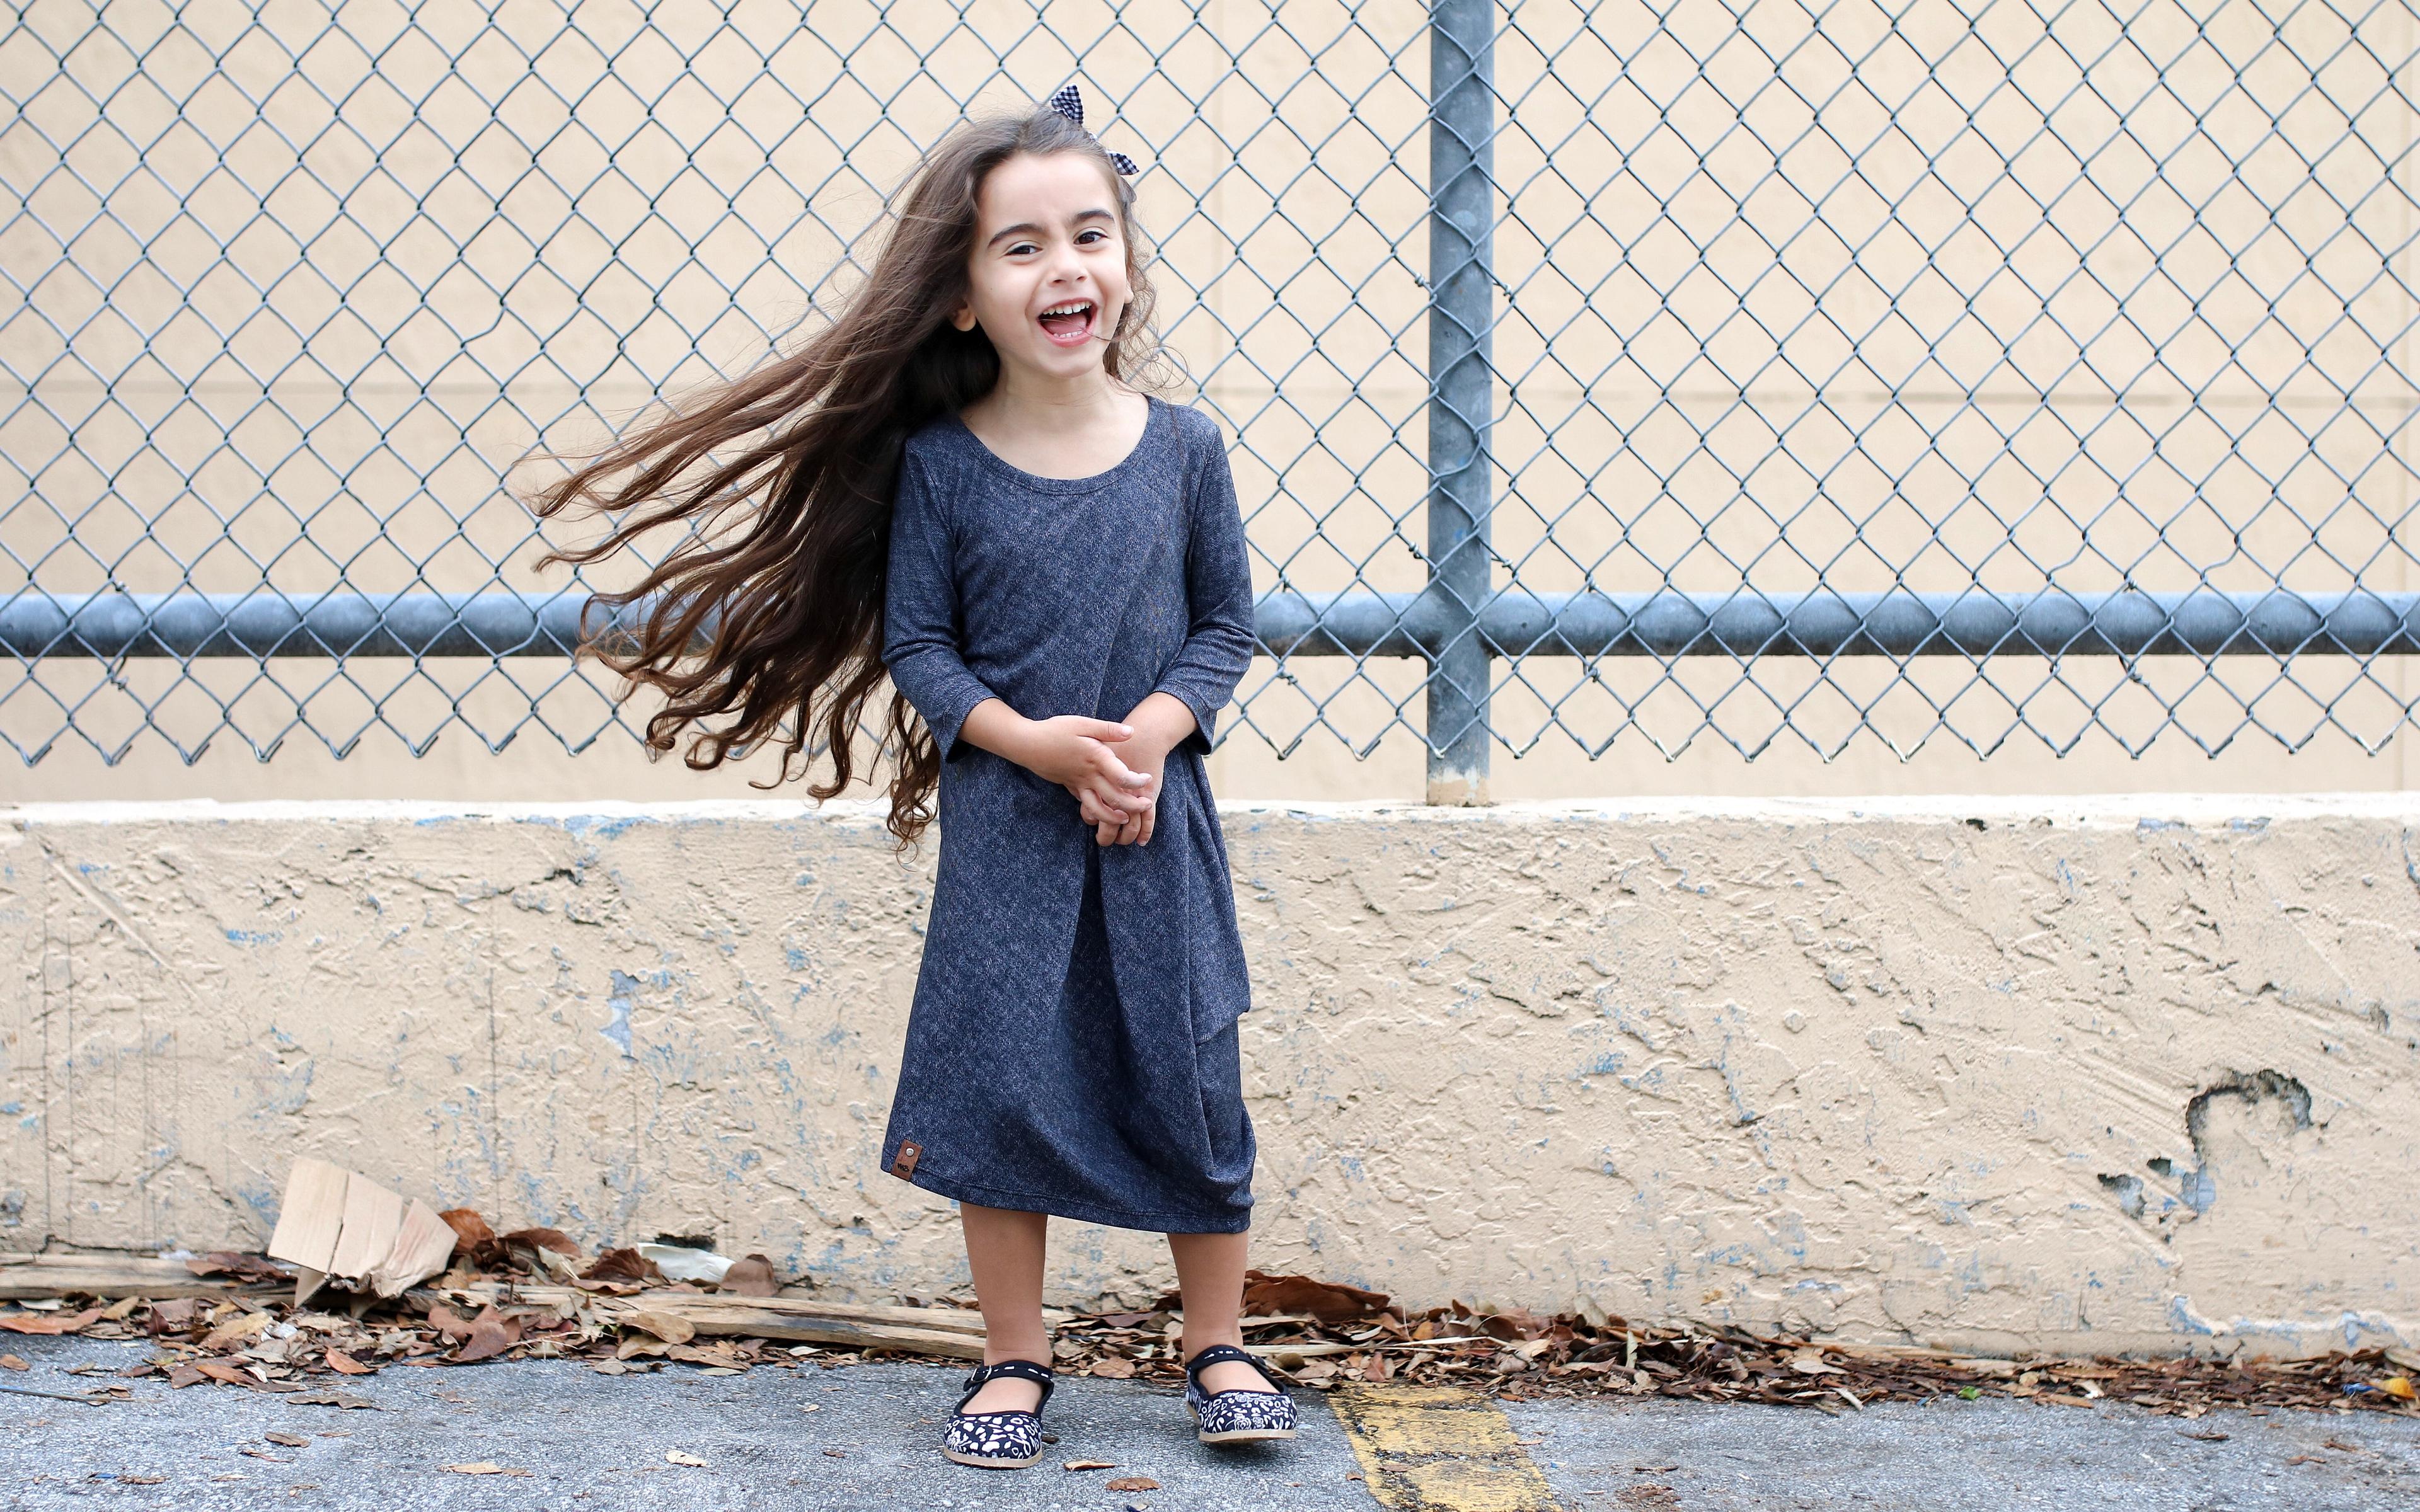 cute-little-girl-smiling-rs.jpg